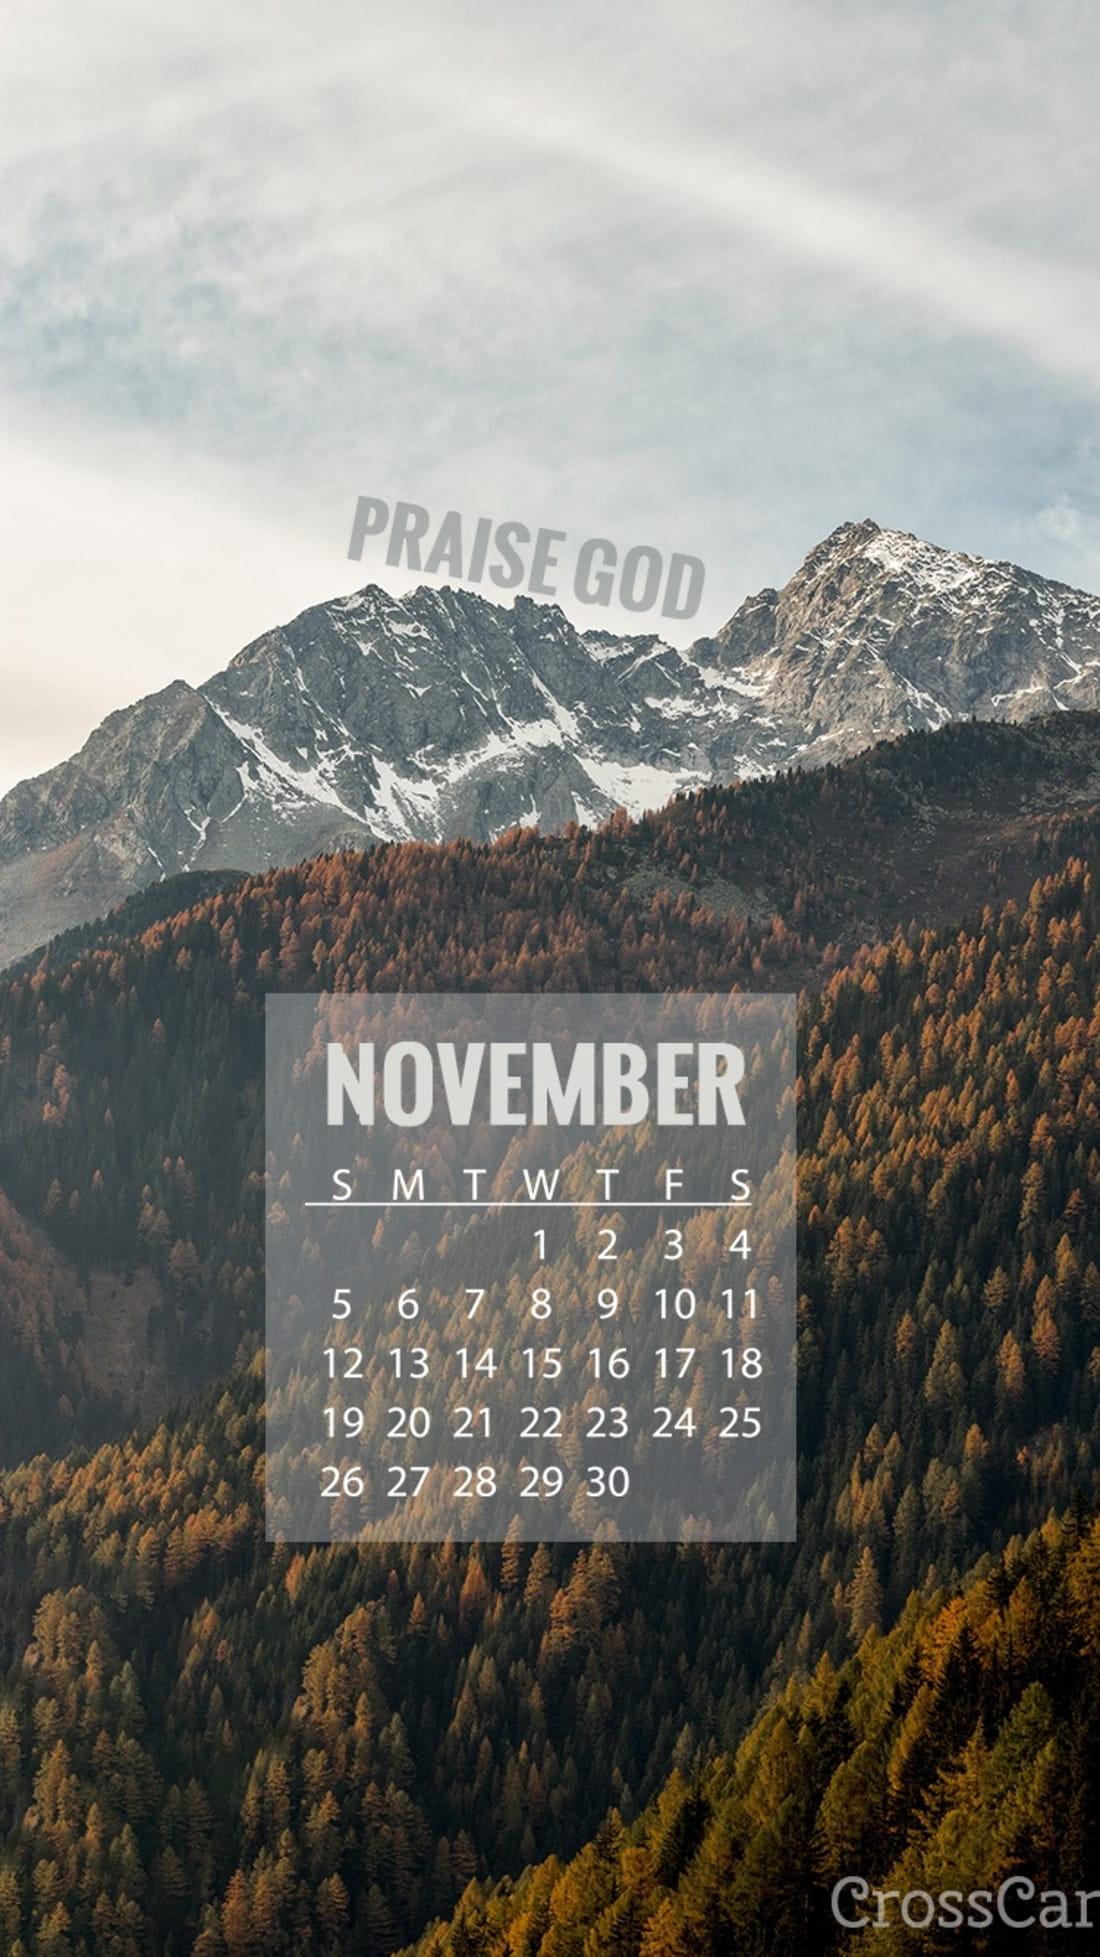 November 2017 - Praise God mobile phone wallpaper